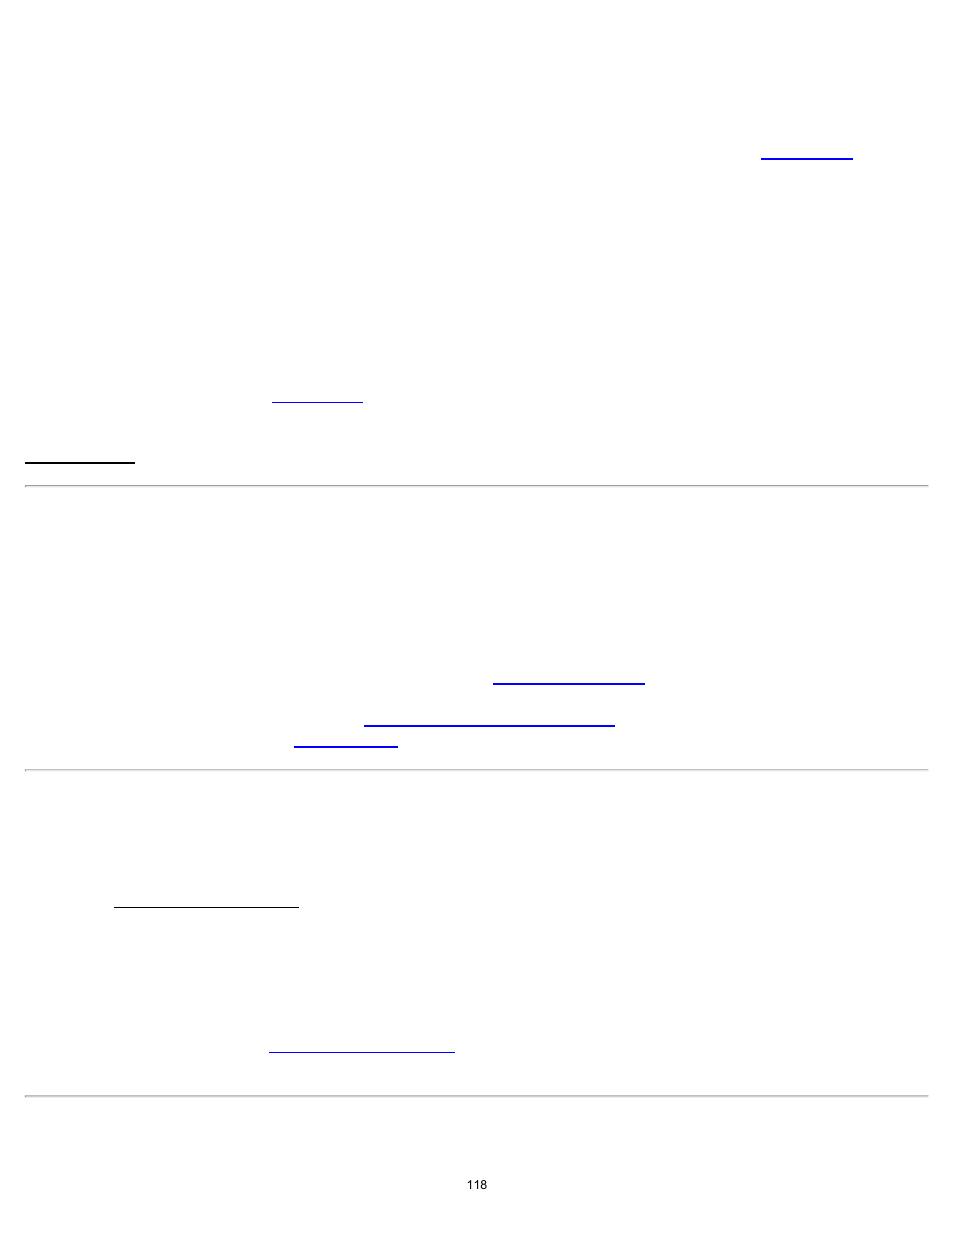 Moderno Cuentas Reanudar Muestra Viñeta - Ejemplo De Colección De ...